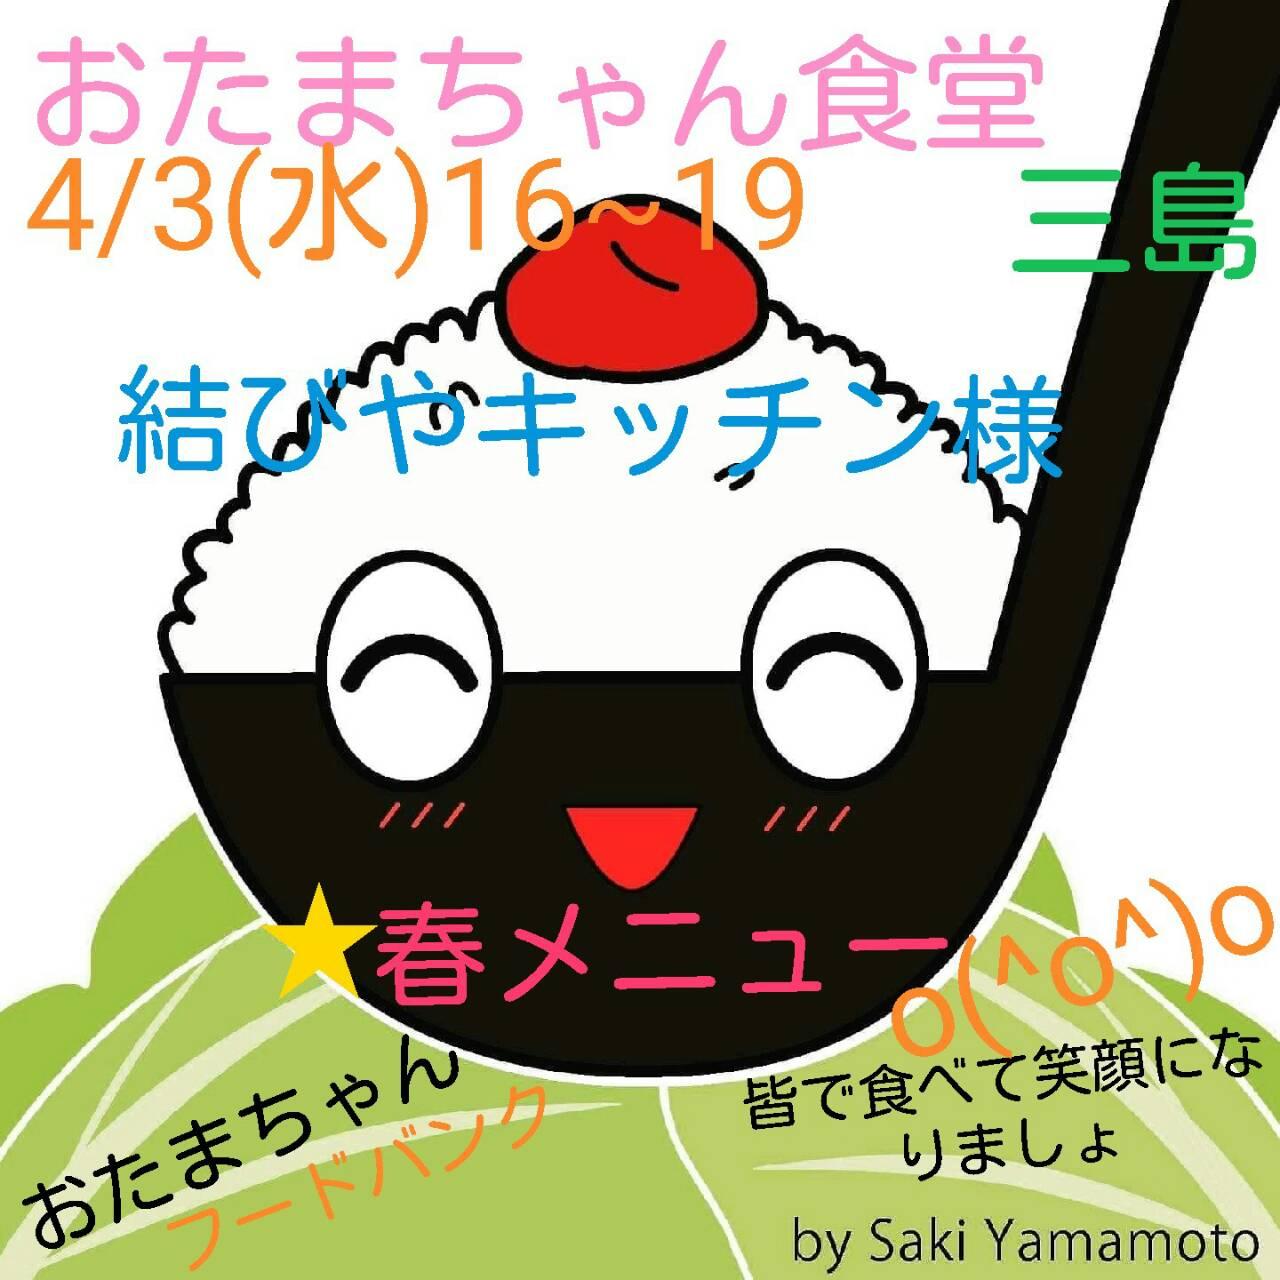 🍙4/3(水)16:00~19:00 春メニュー🌸(о´∀`о)🌸お楽しみに~\(^o^)/